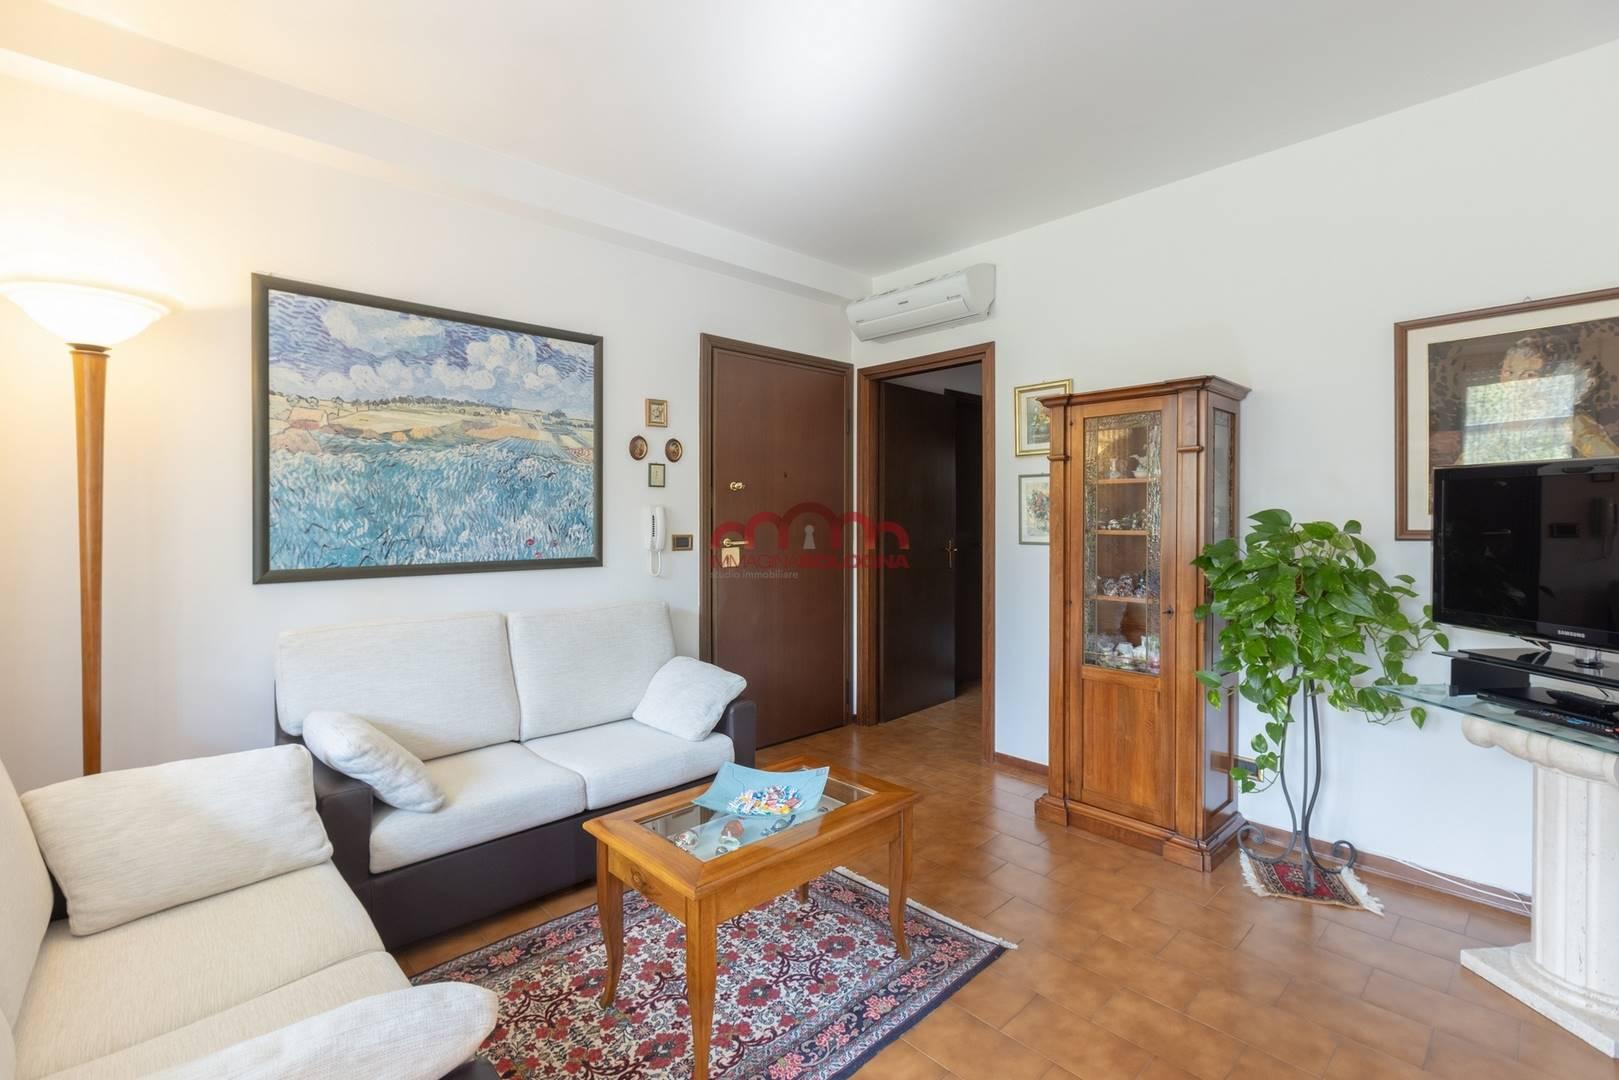 Appartamento in vendita a Casalecchio di Reno, 4 locali, prezzo € 176.000 | CambioCasa.it